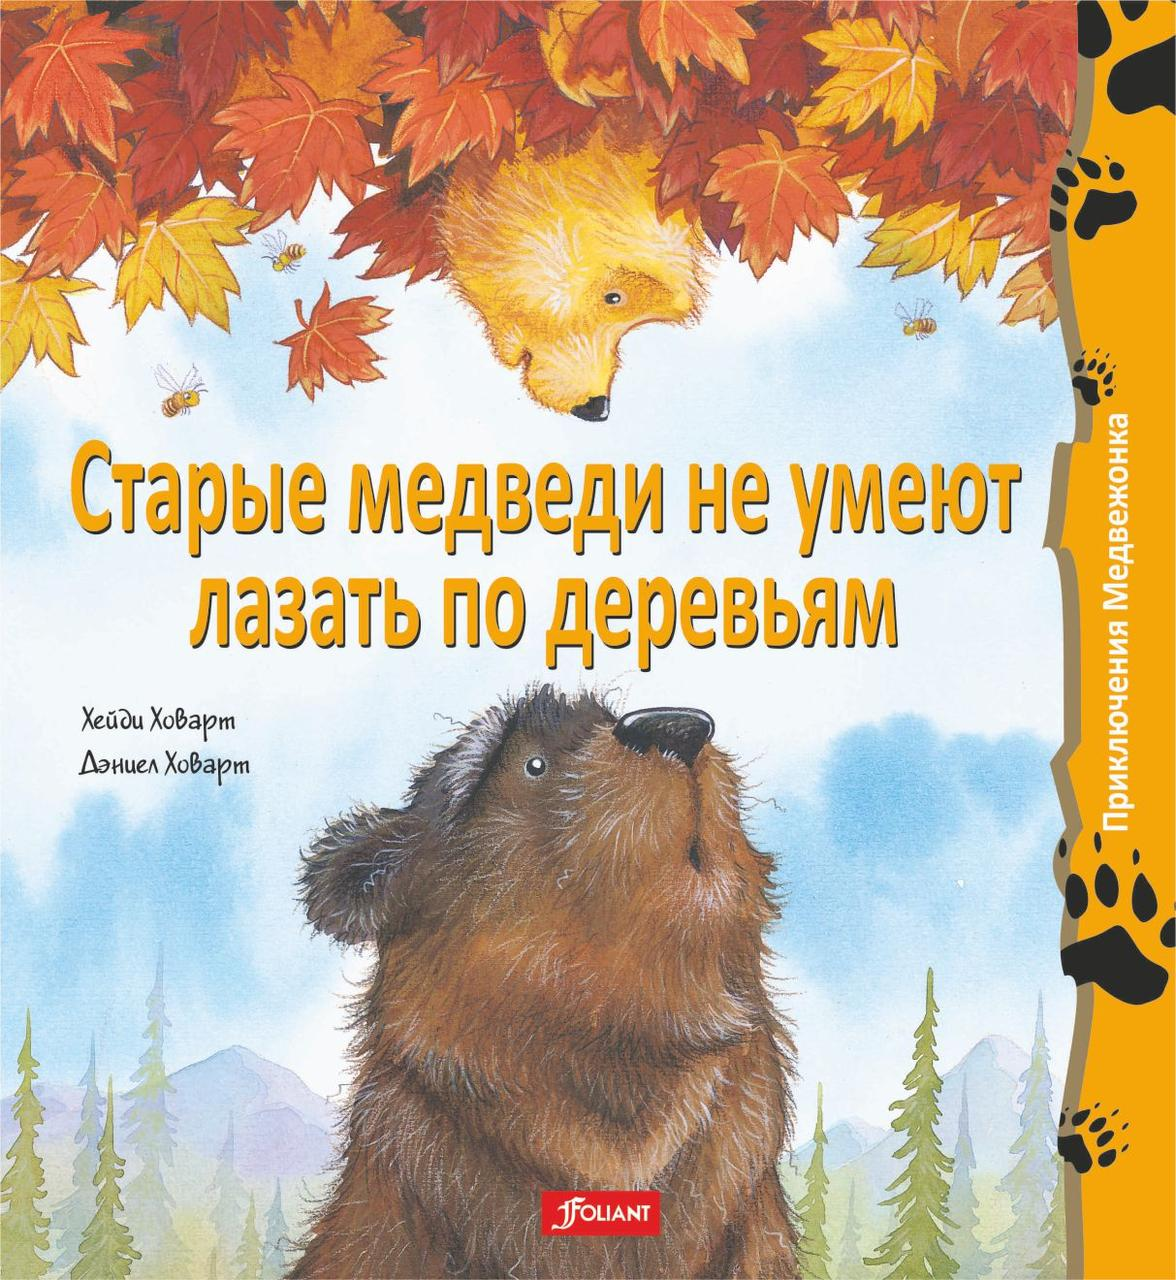 """Старые медведи не умеют лазать по деревьям. Хейди Ховарт. Серия """"Приключения"""